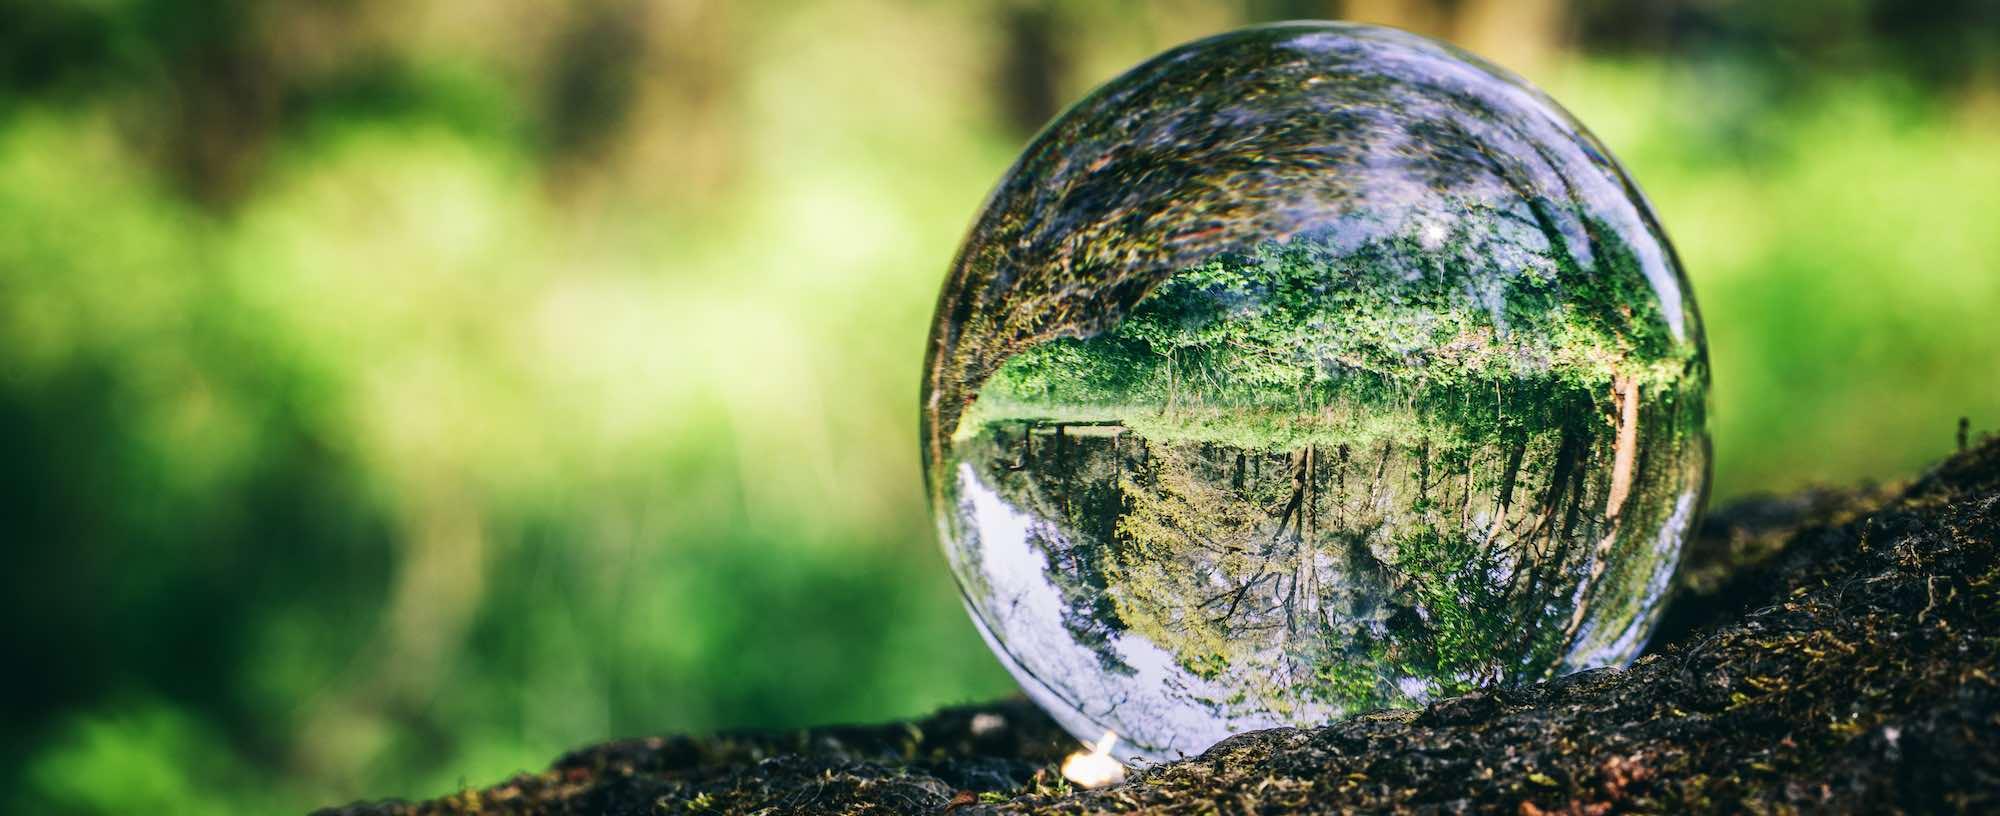 Lensball posée sur le sol dans une forêt